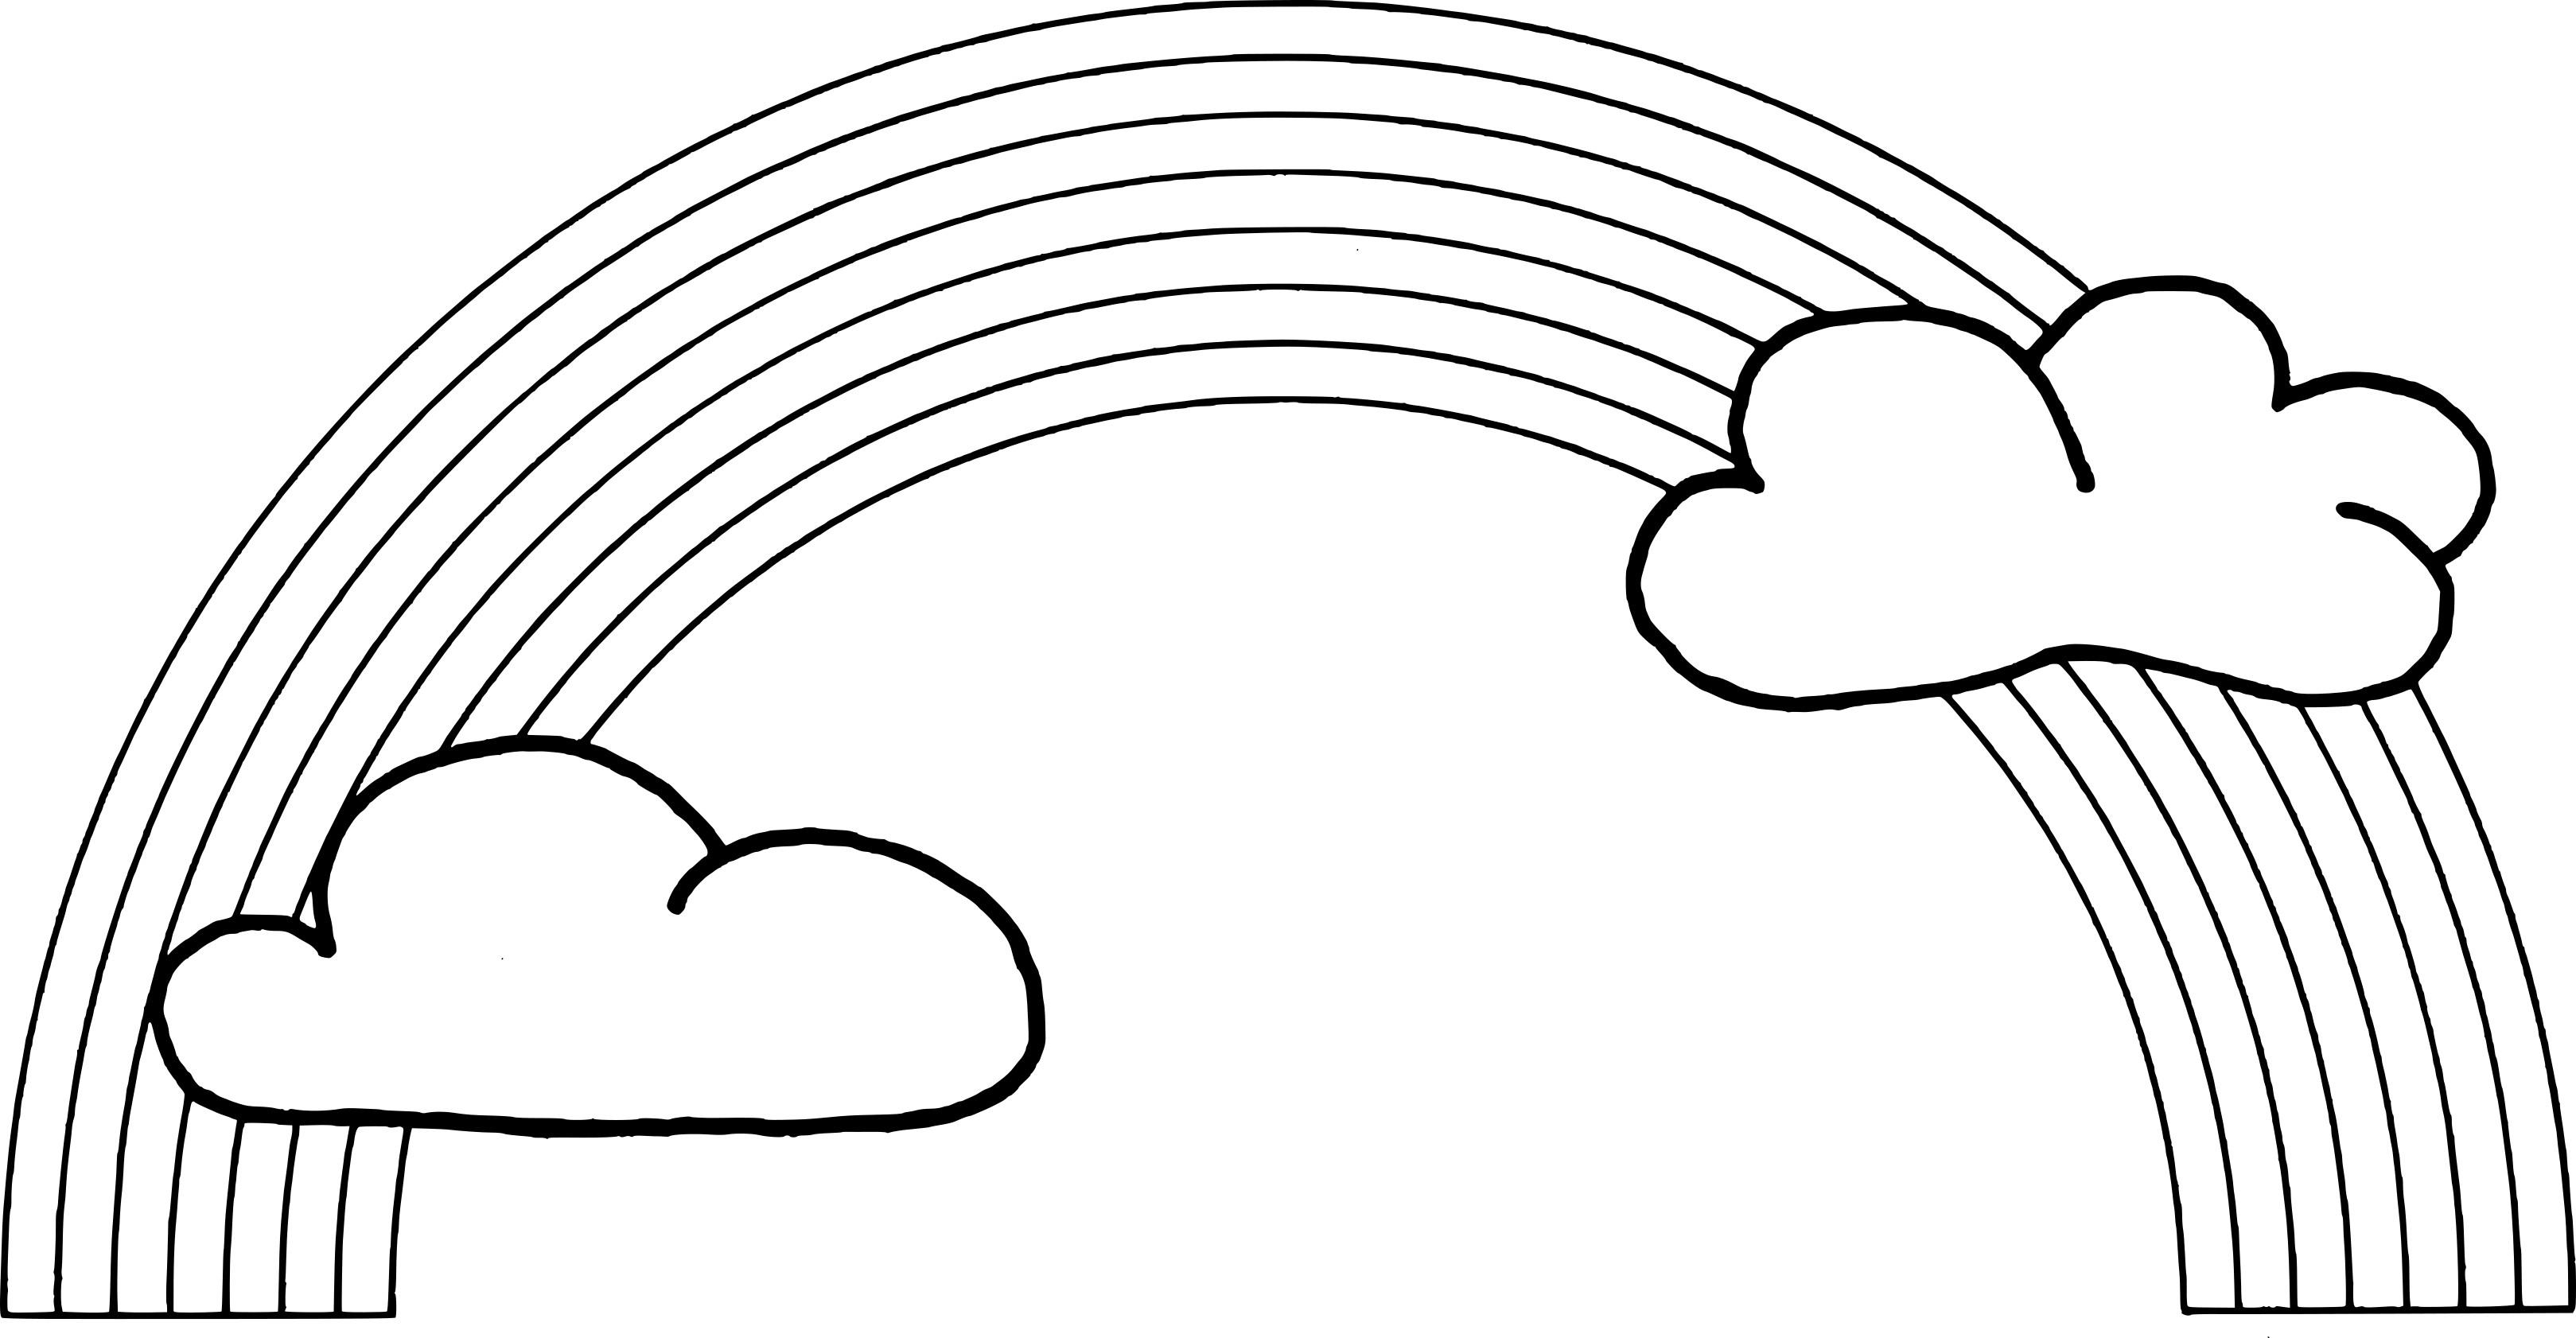 Coloriage arc en ciel et dessin imprimer - Coloriage ciel ...